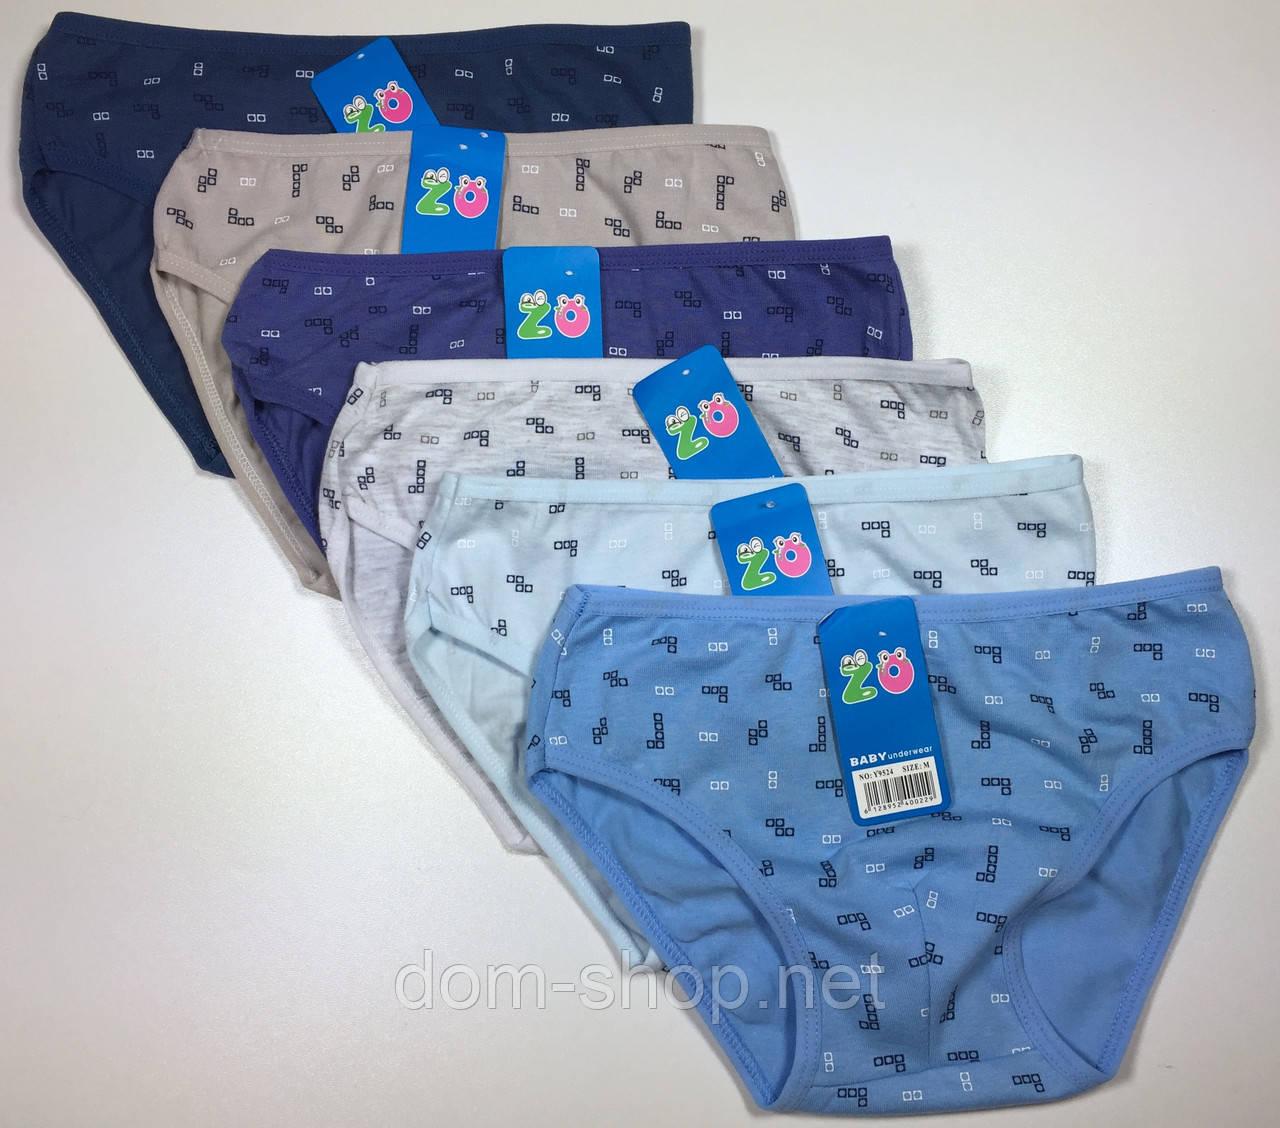 Детские трусы хлопковые плавки для мальчиков ,,,1-3 года(XS)